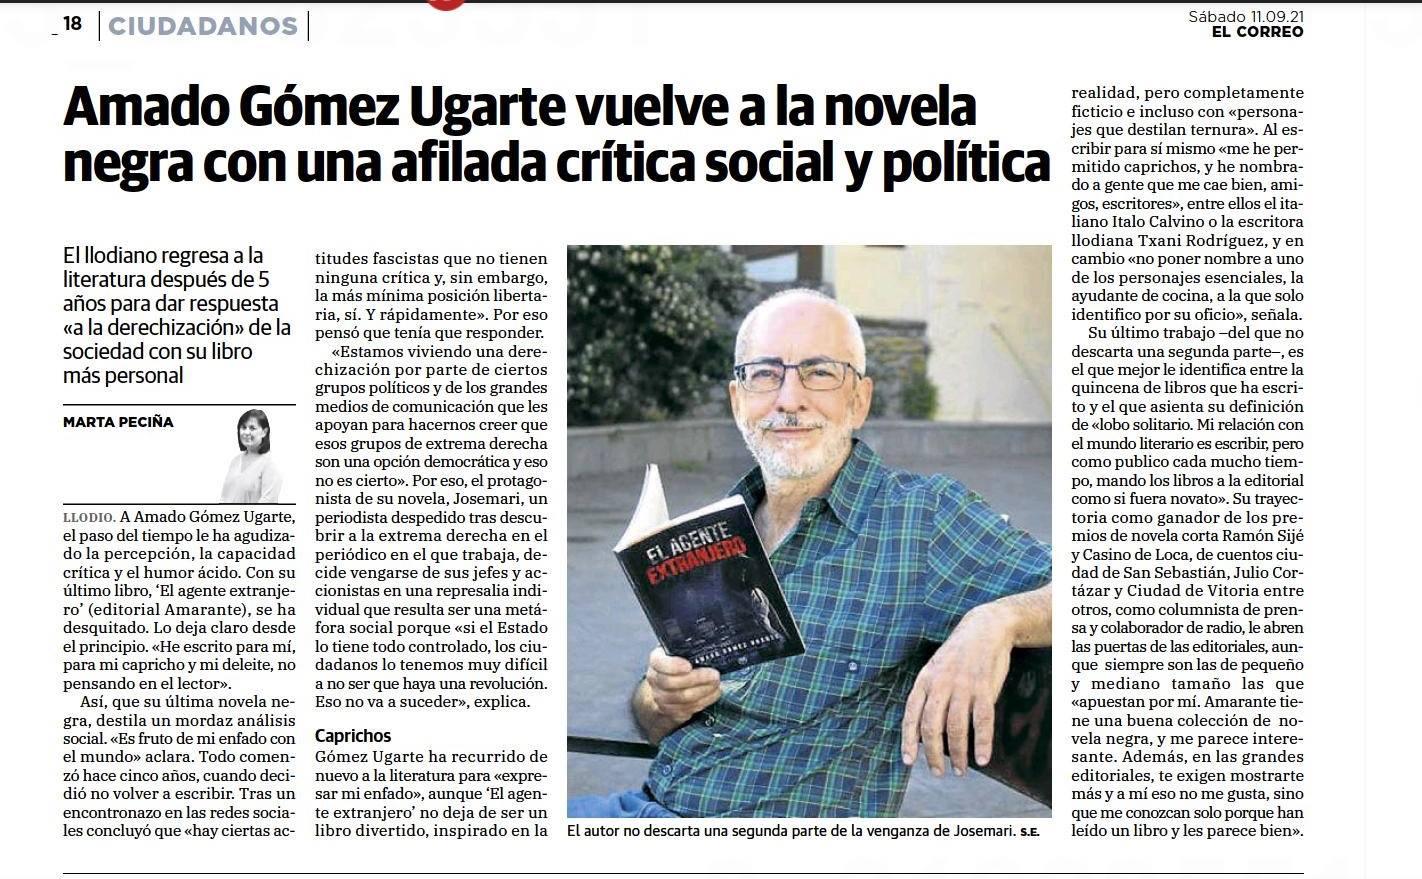 El Correo - Editorial Amarante - Amado Gómez Ugarte